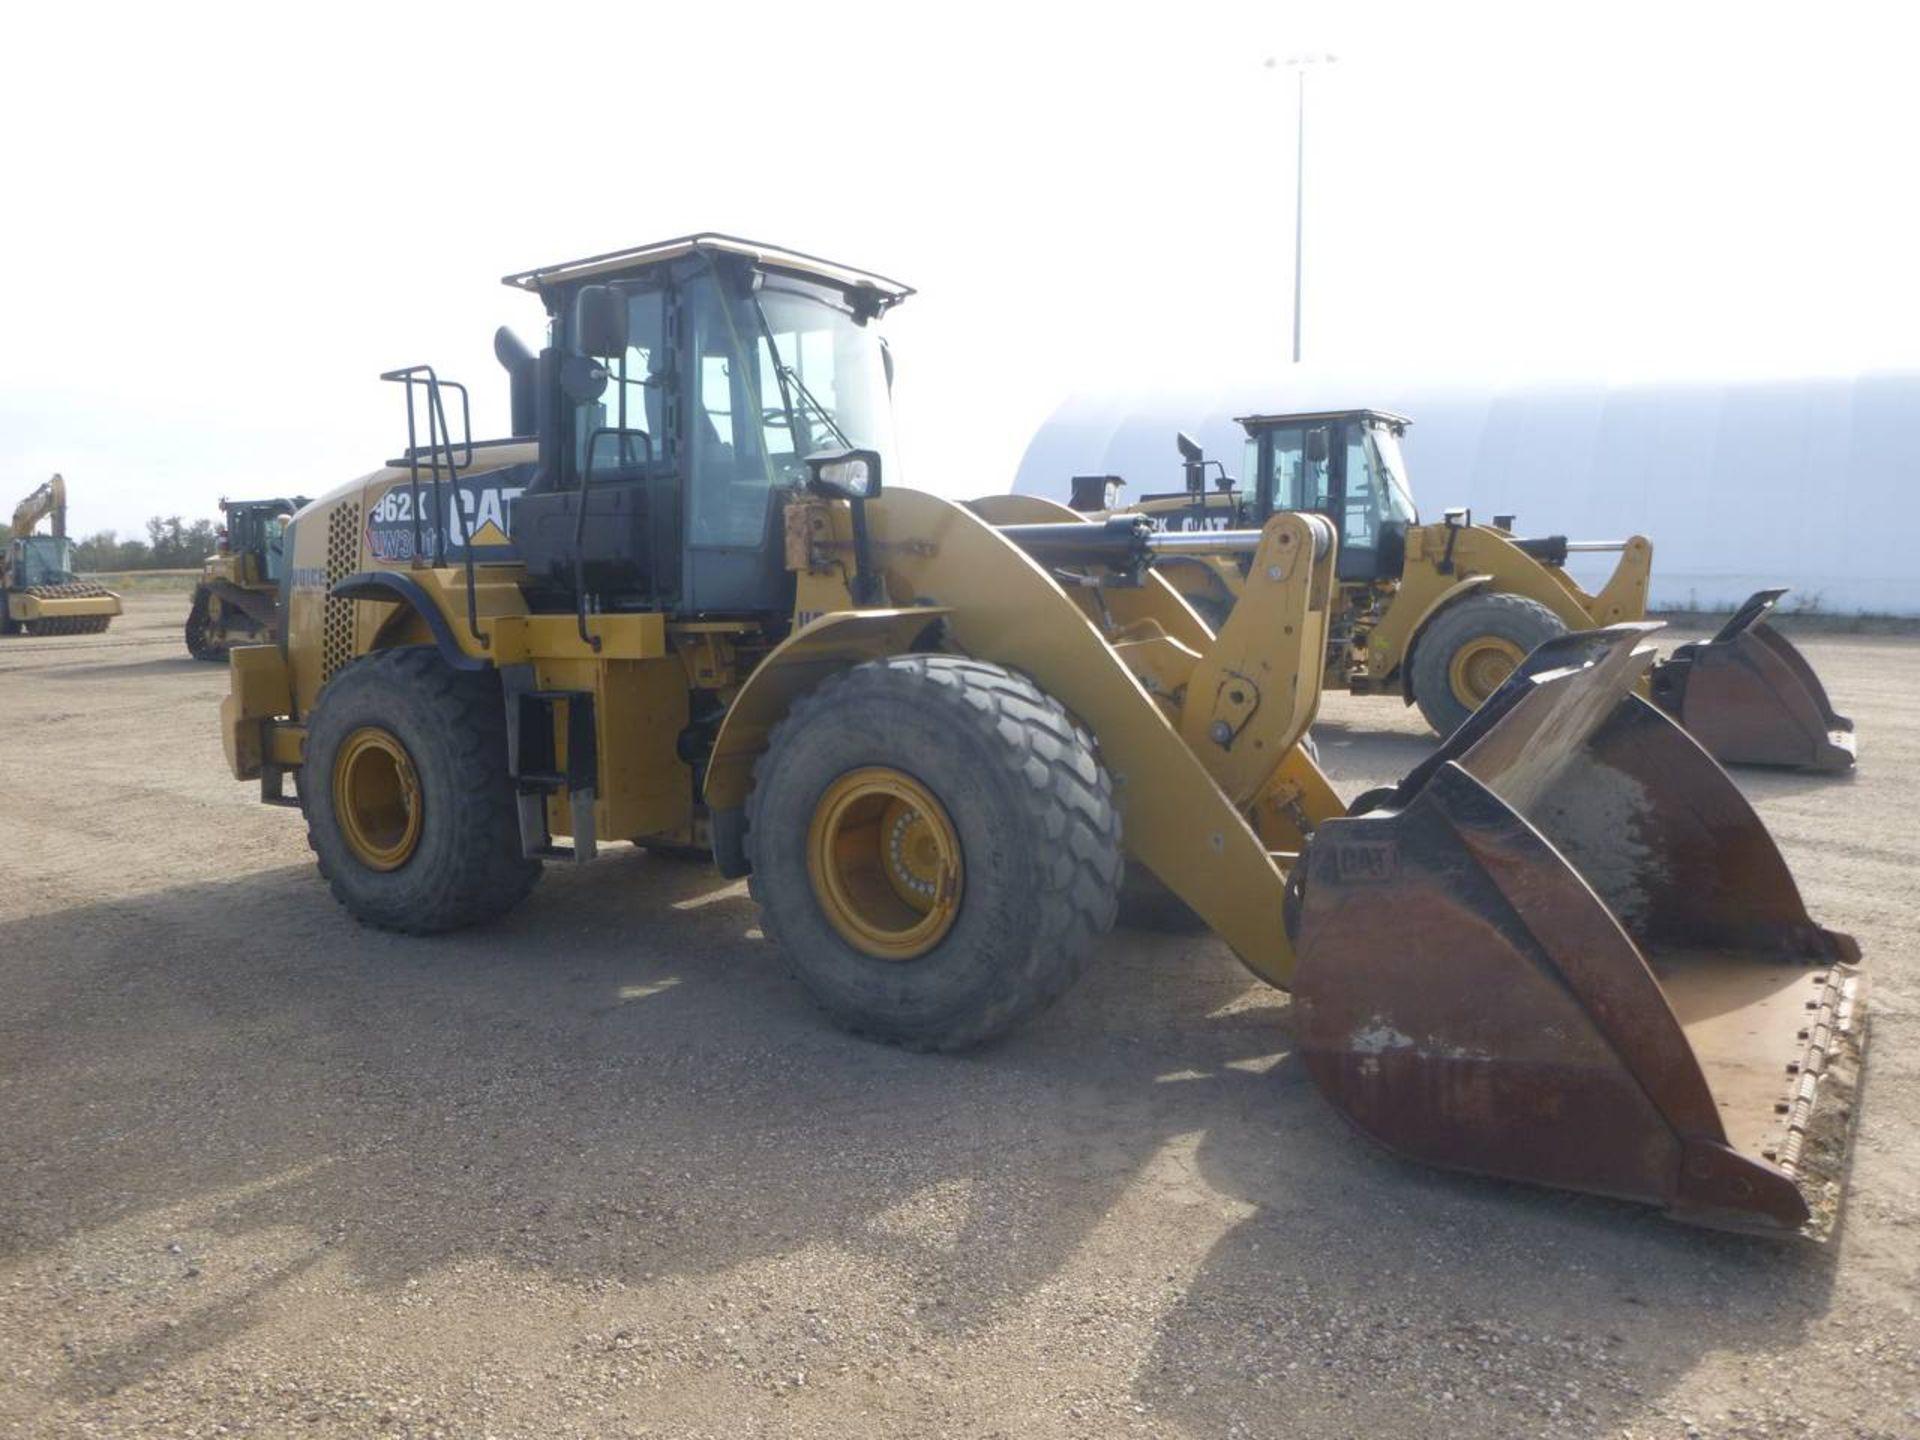 2012 Caterpillar 962K Front End Loader - Image 2 of 10